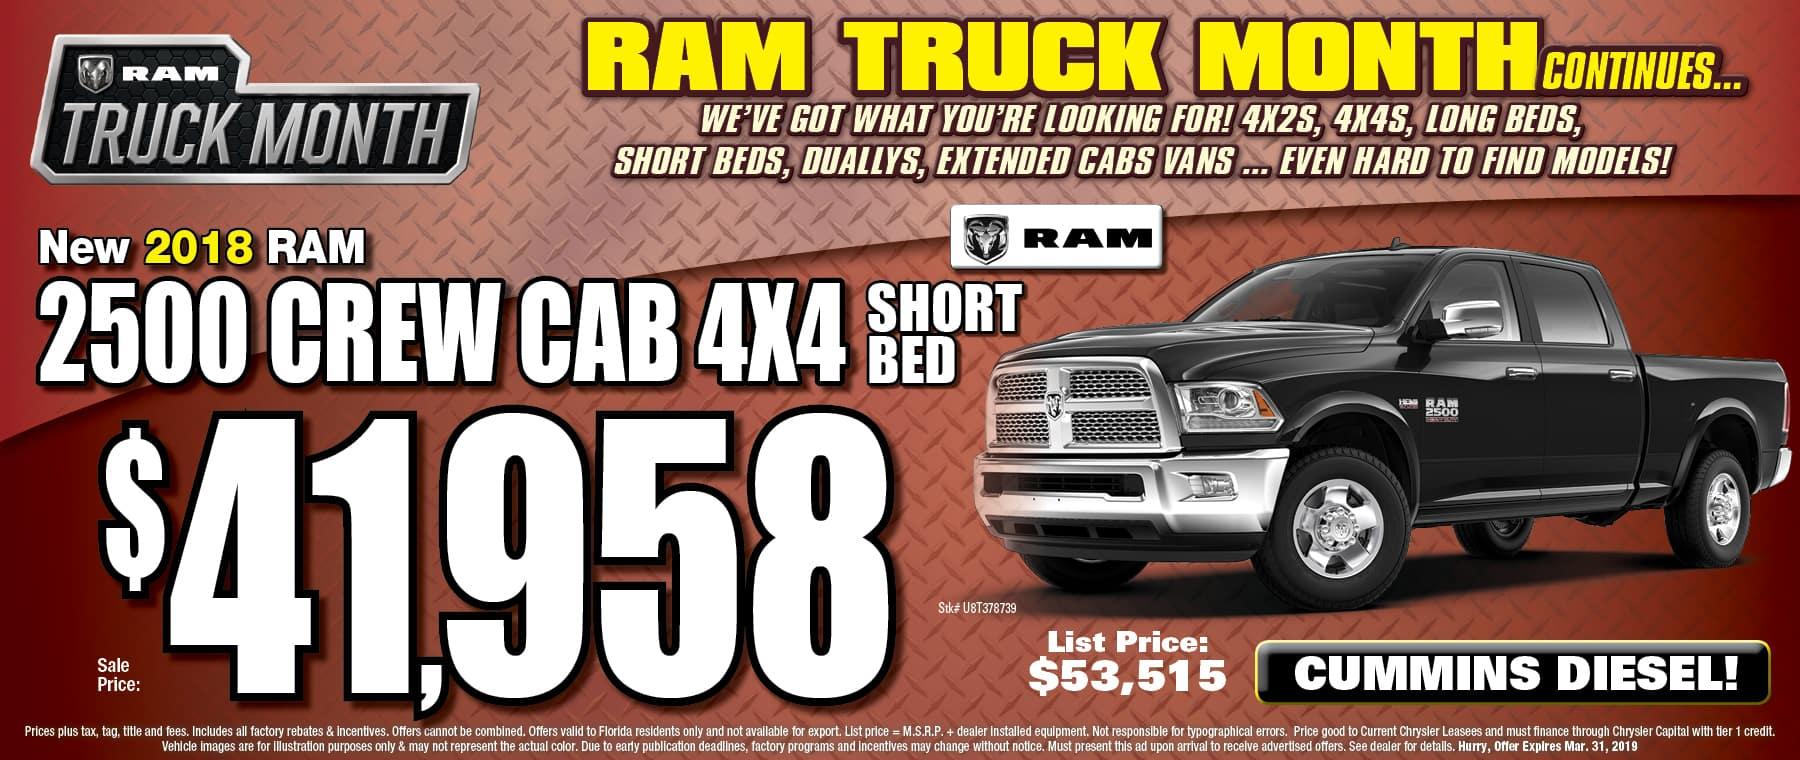 New 2018 Ram 2500 Crew Cab!